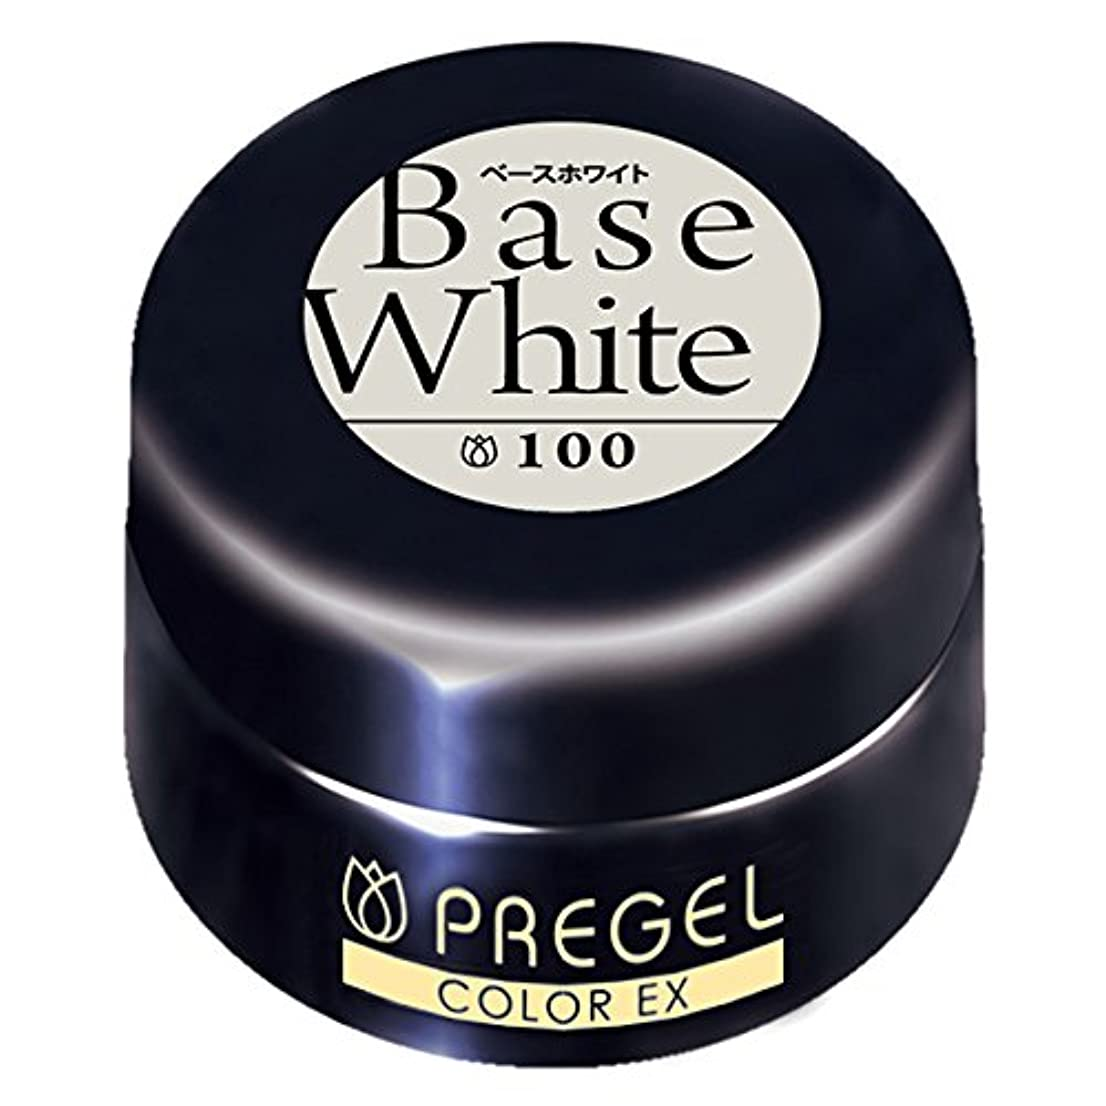 穏やかなどこでも率直なプリジェル ジェルネイル プリジェル ジェルネイル カラーEX ベースホワイト100 4g カラージェル UV/LED対応